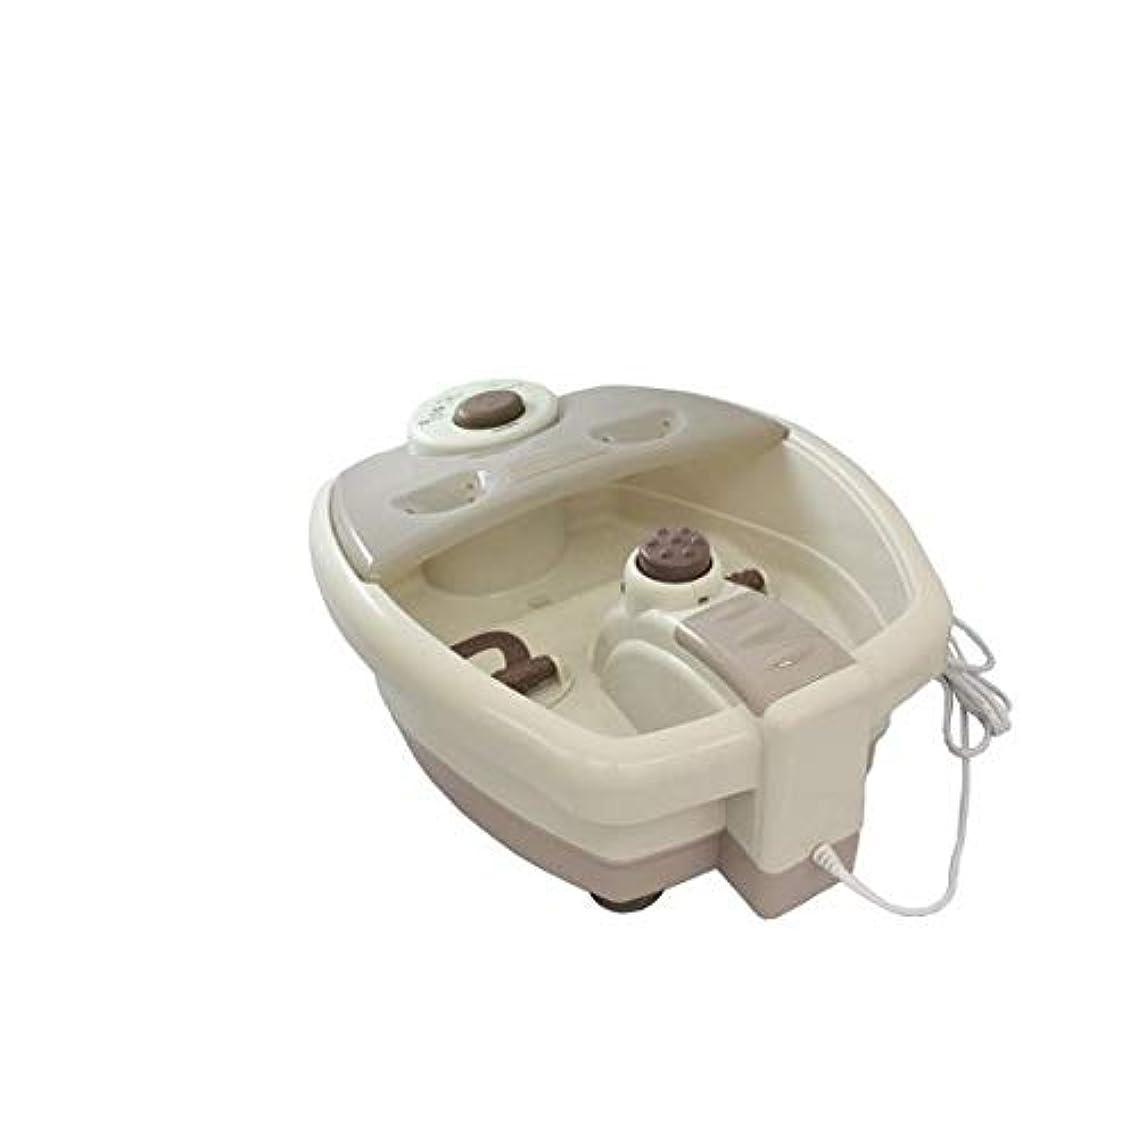 キャンバス手和らげるフットリラモカ フットバス 足浴器 足浴桶 足湯器 足湯桶 フットバス器 フットケア 足湯 業務用